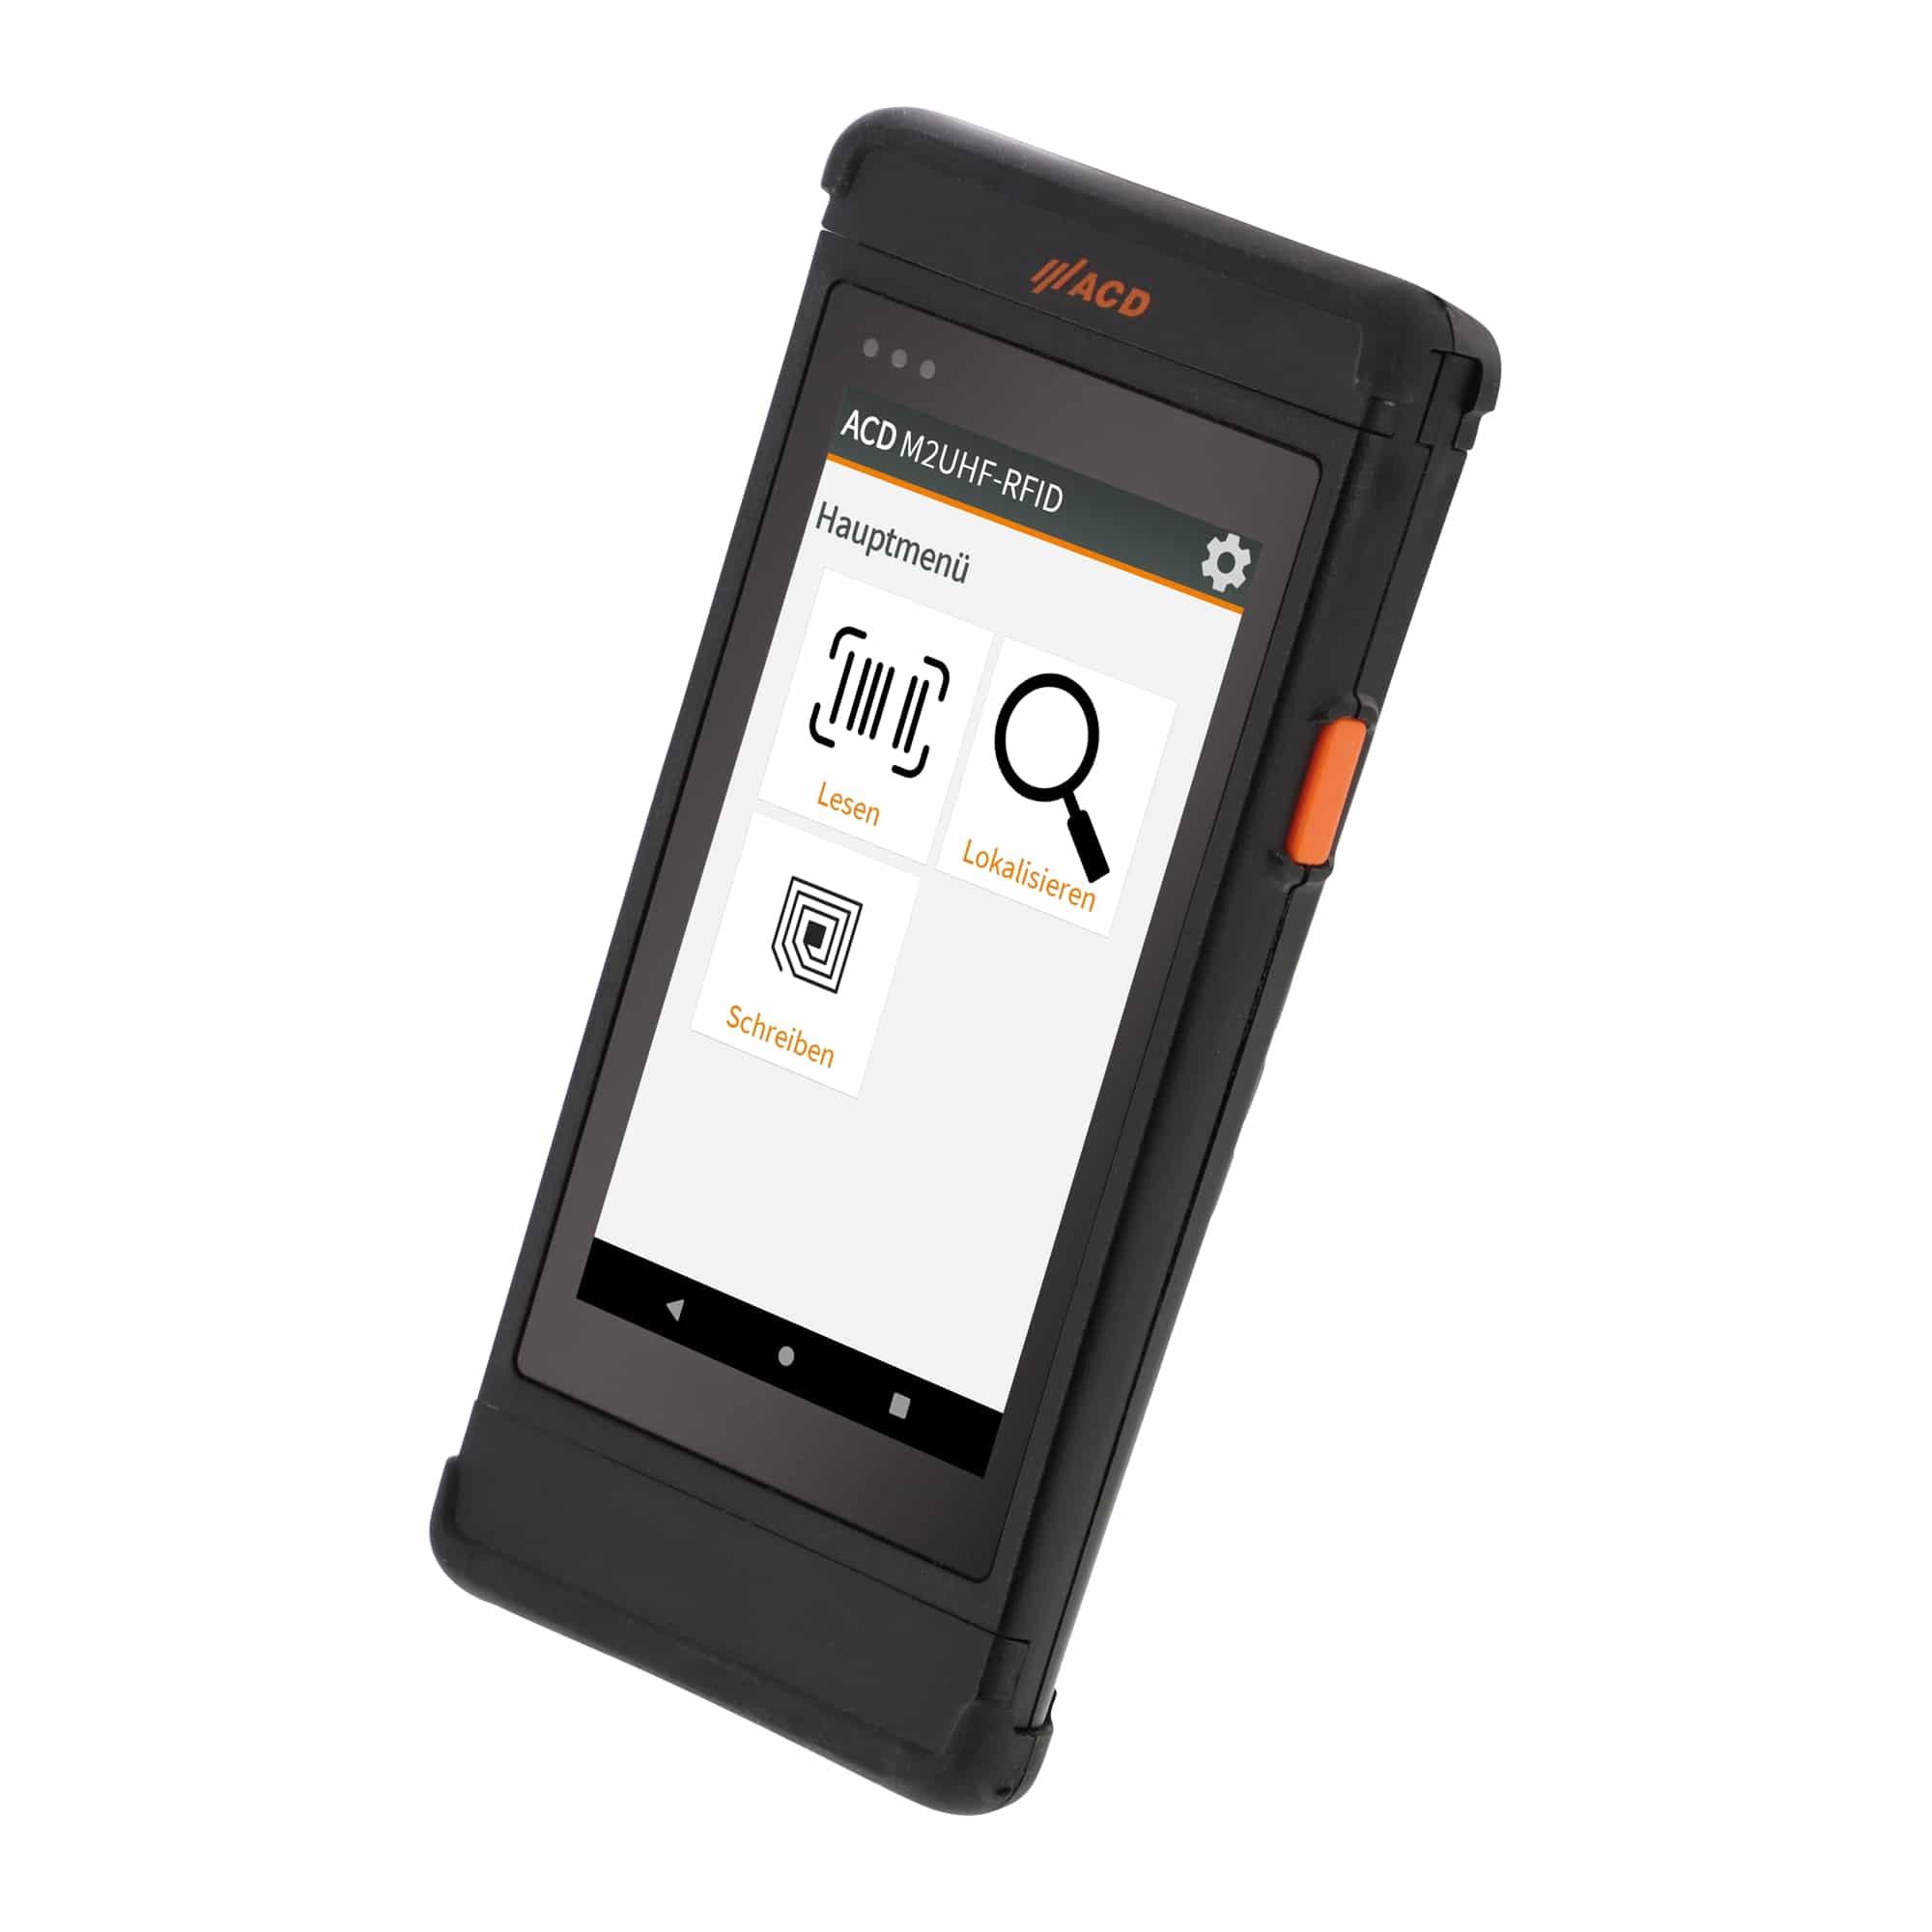 m2smart-se-hf-rfid-05-dispositivos-moviles-terminales-moviles